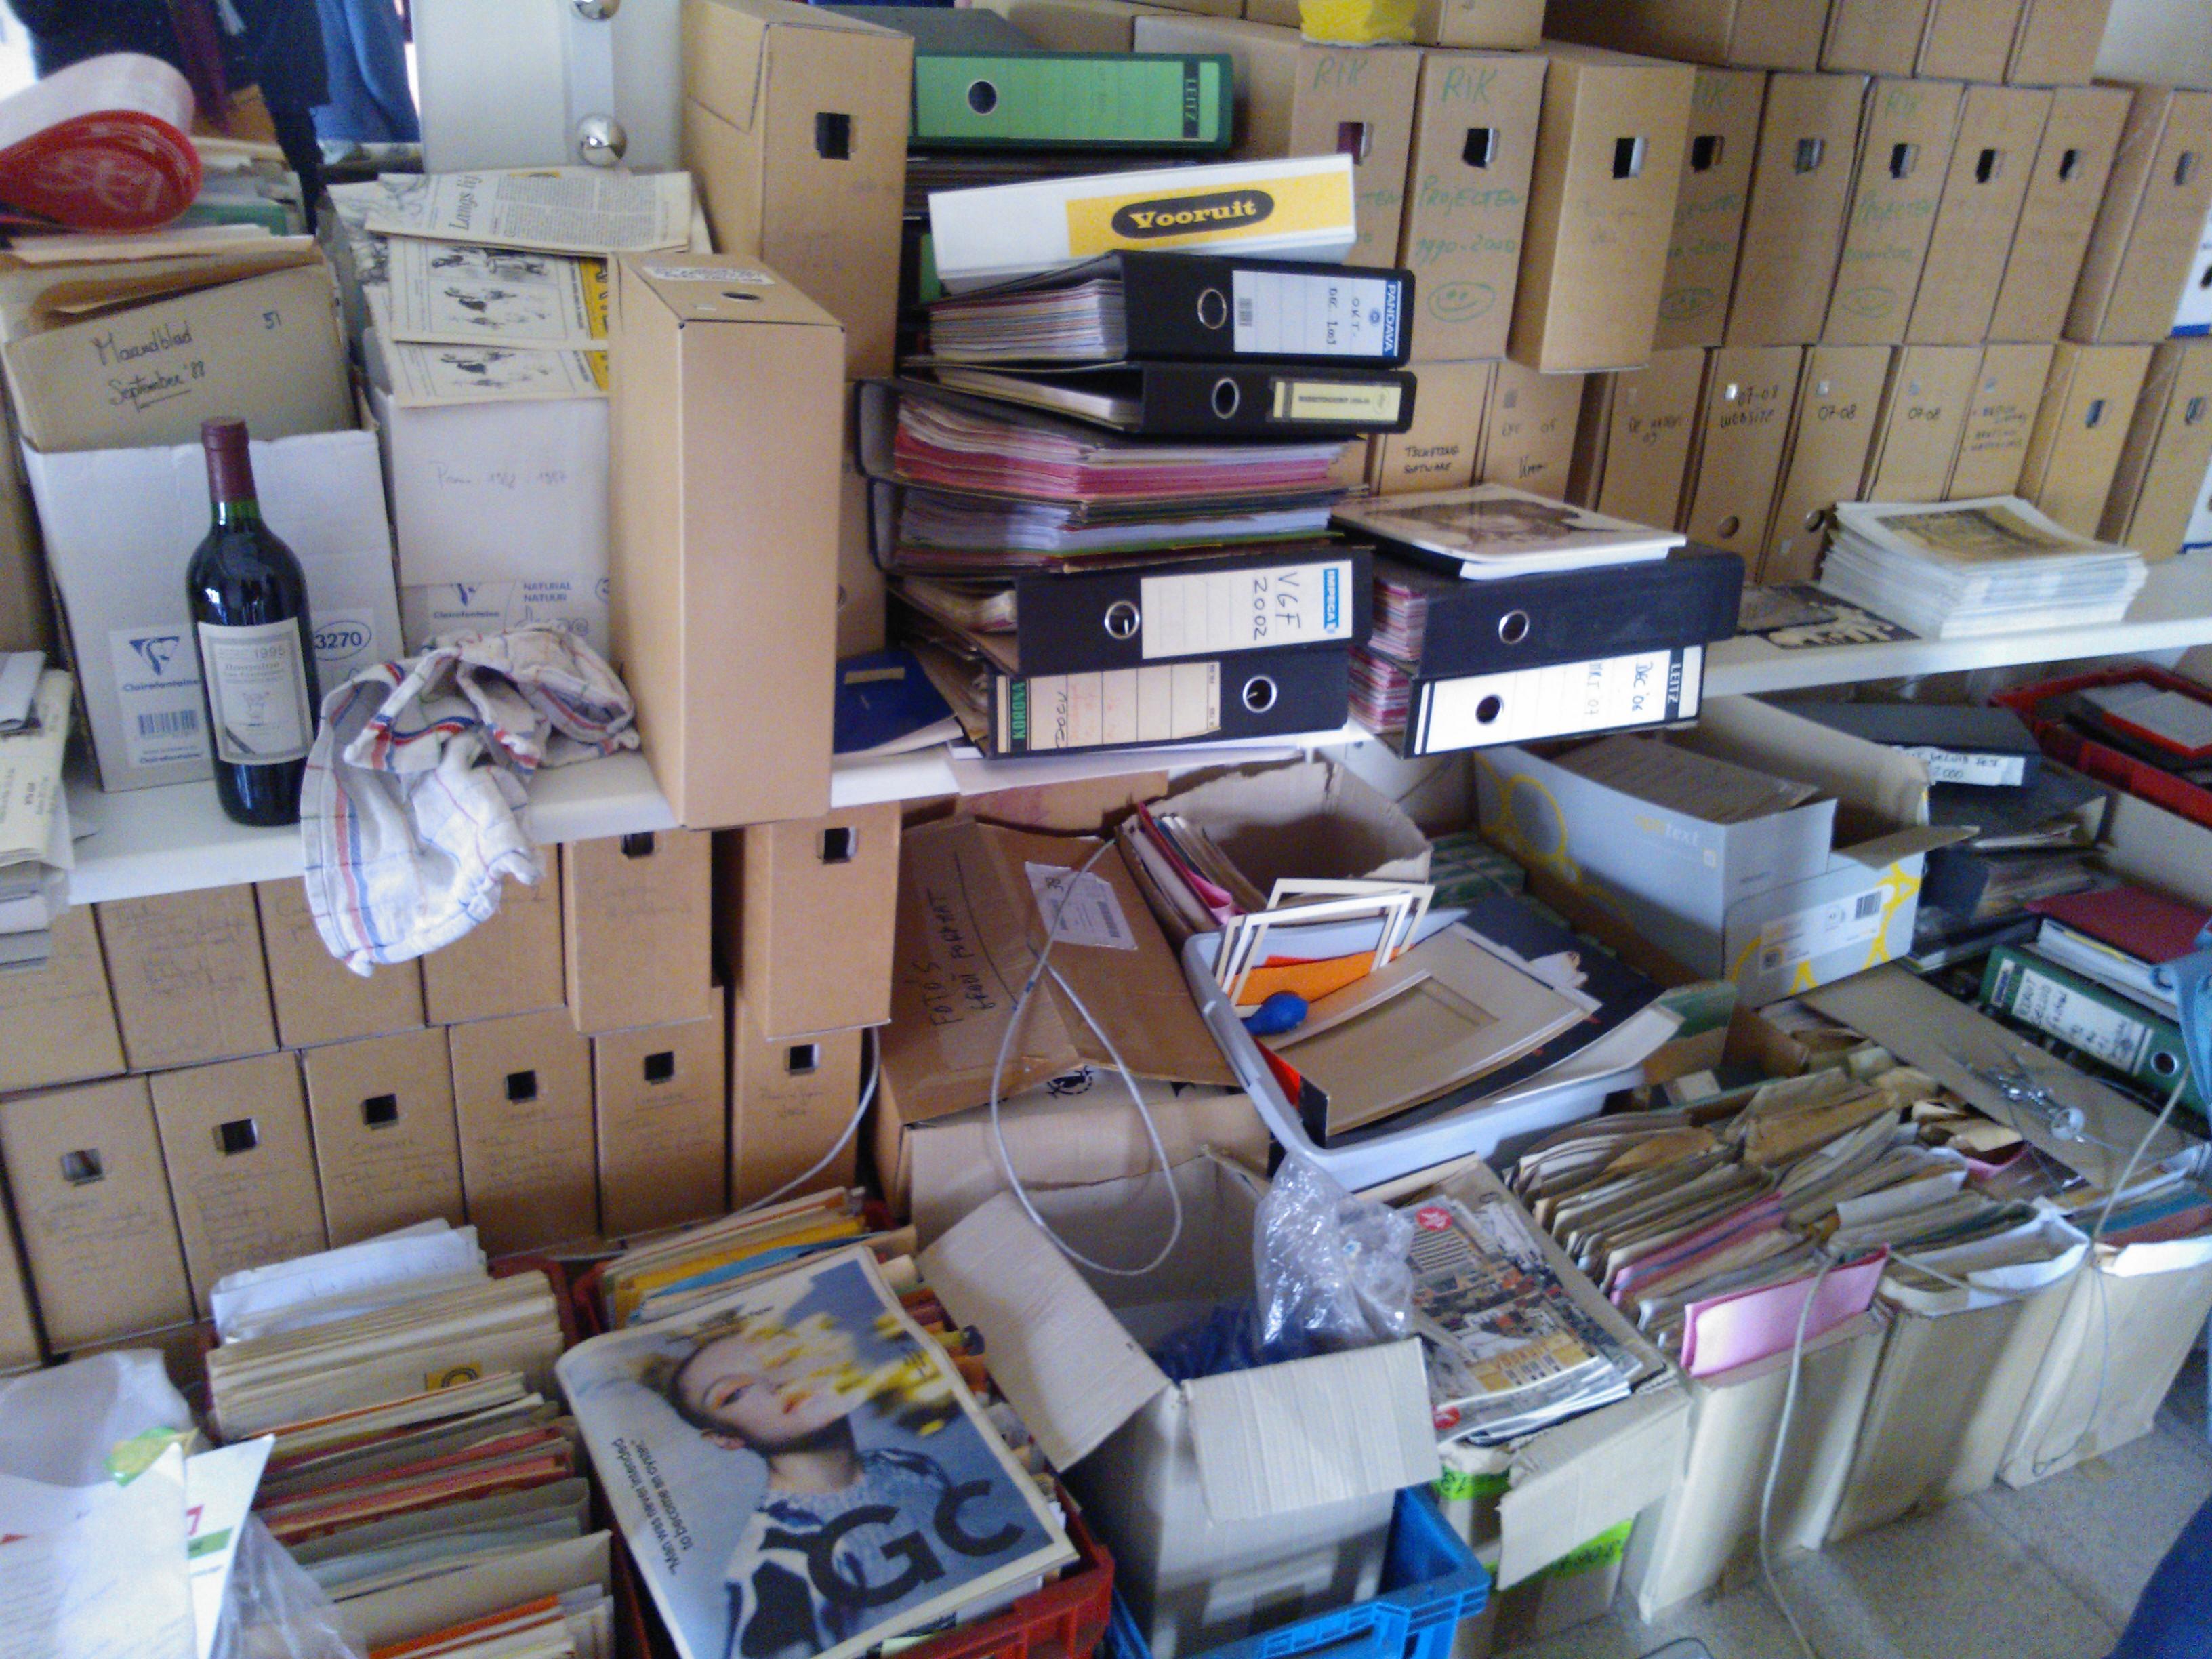 Plaatsbezoek: het archief in kaart brengen - PACKED vzw CC BY-SA